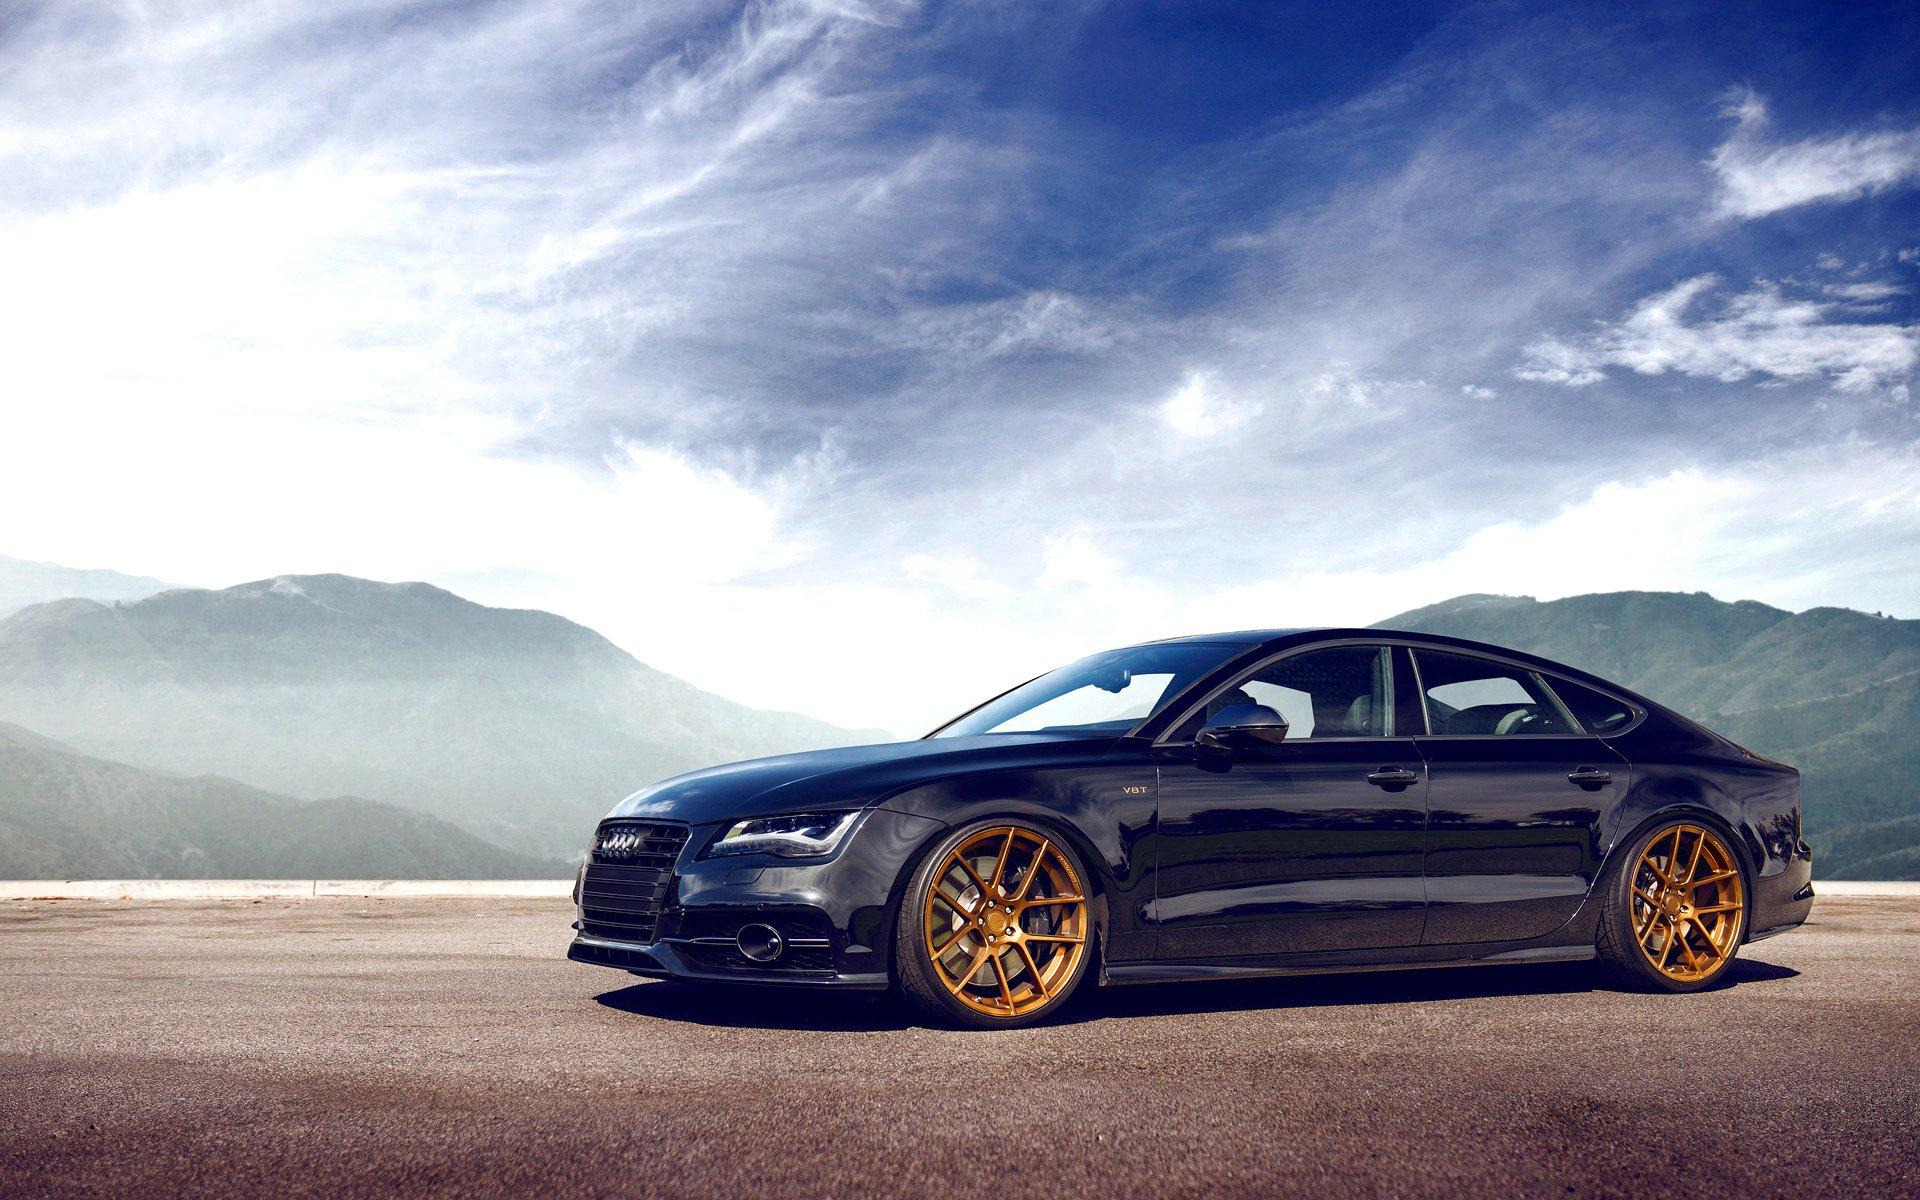 Audi A7 Fond D Ecran Hd Arriere Plan 1920x1200 Id 594184